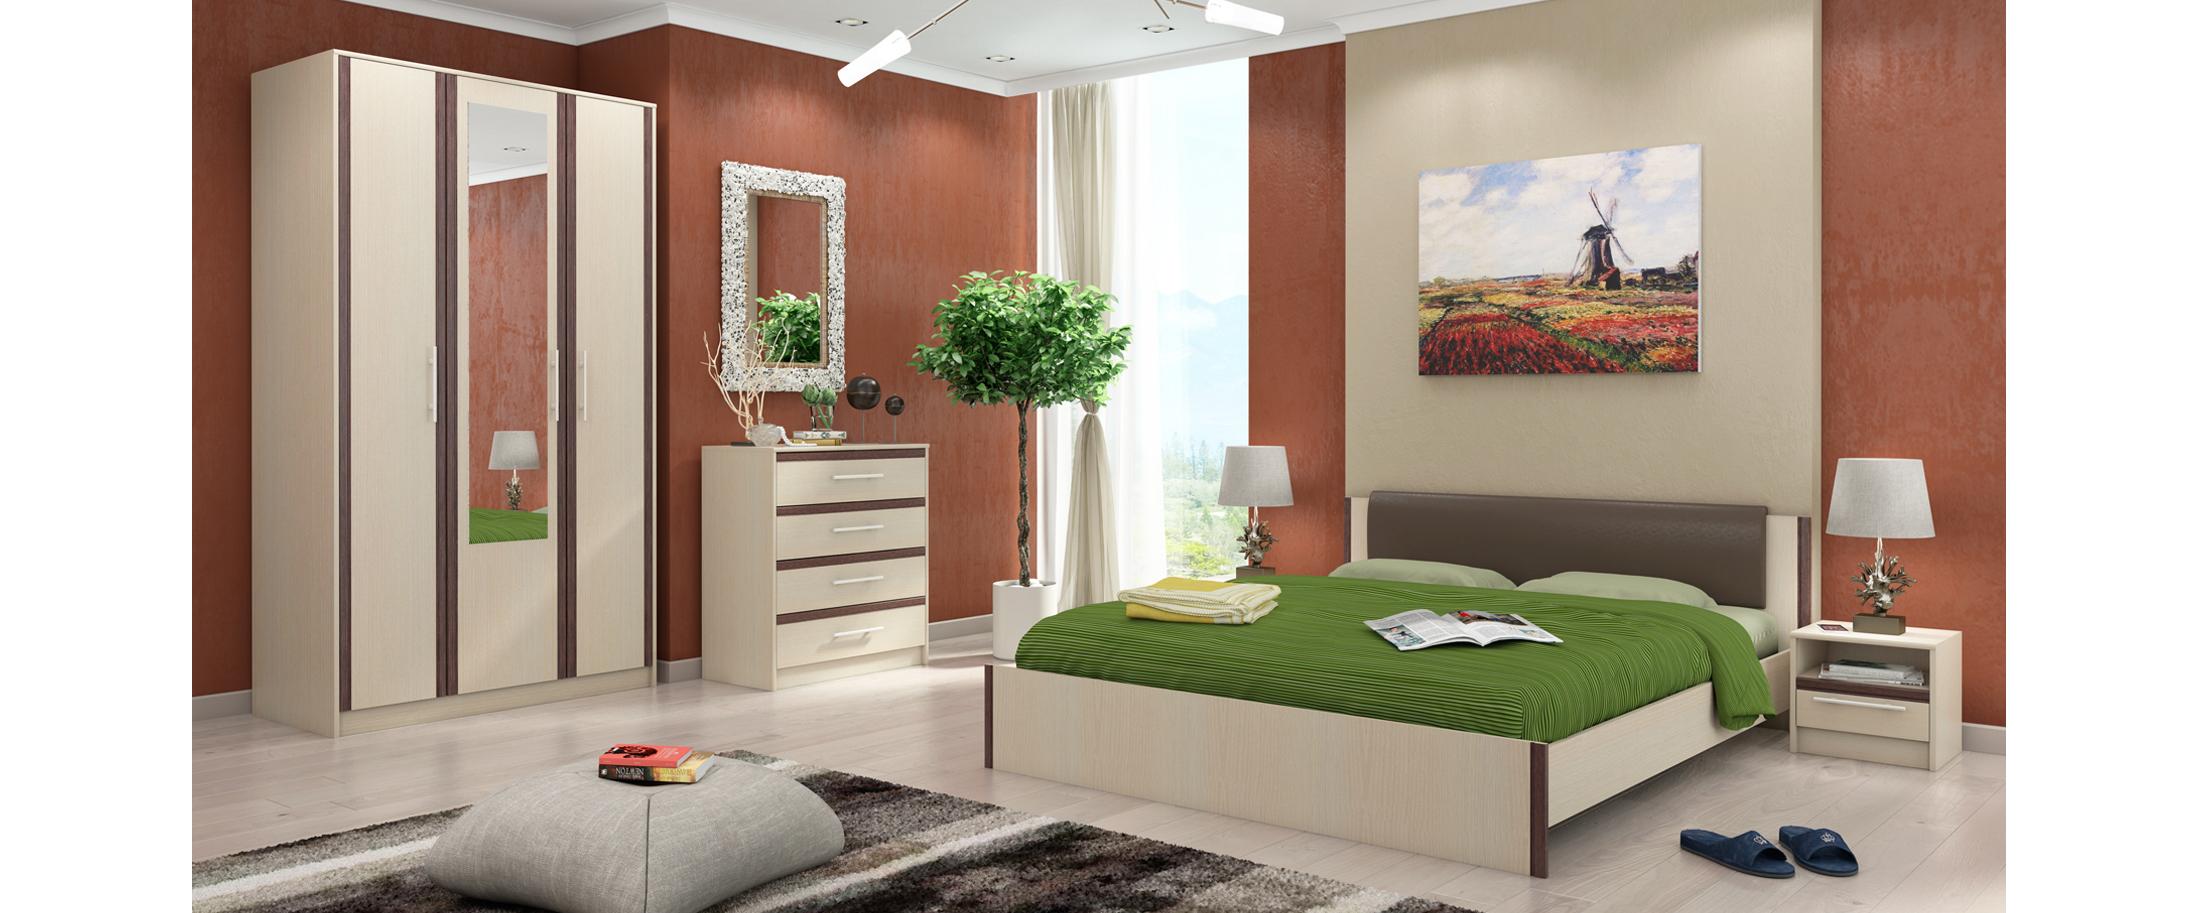 Спальня Новелла Модель 337Минимальный набор из самого необходимого. Кровать 160х59х213, тумба прикроватная 2 шт 39х36х41. Цвет белый дуб. Гарантия 18 месяцев. Доставка от 1 дня.<br>